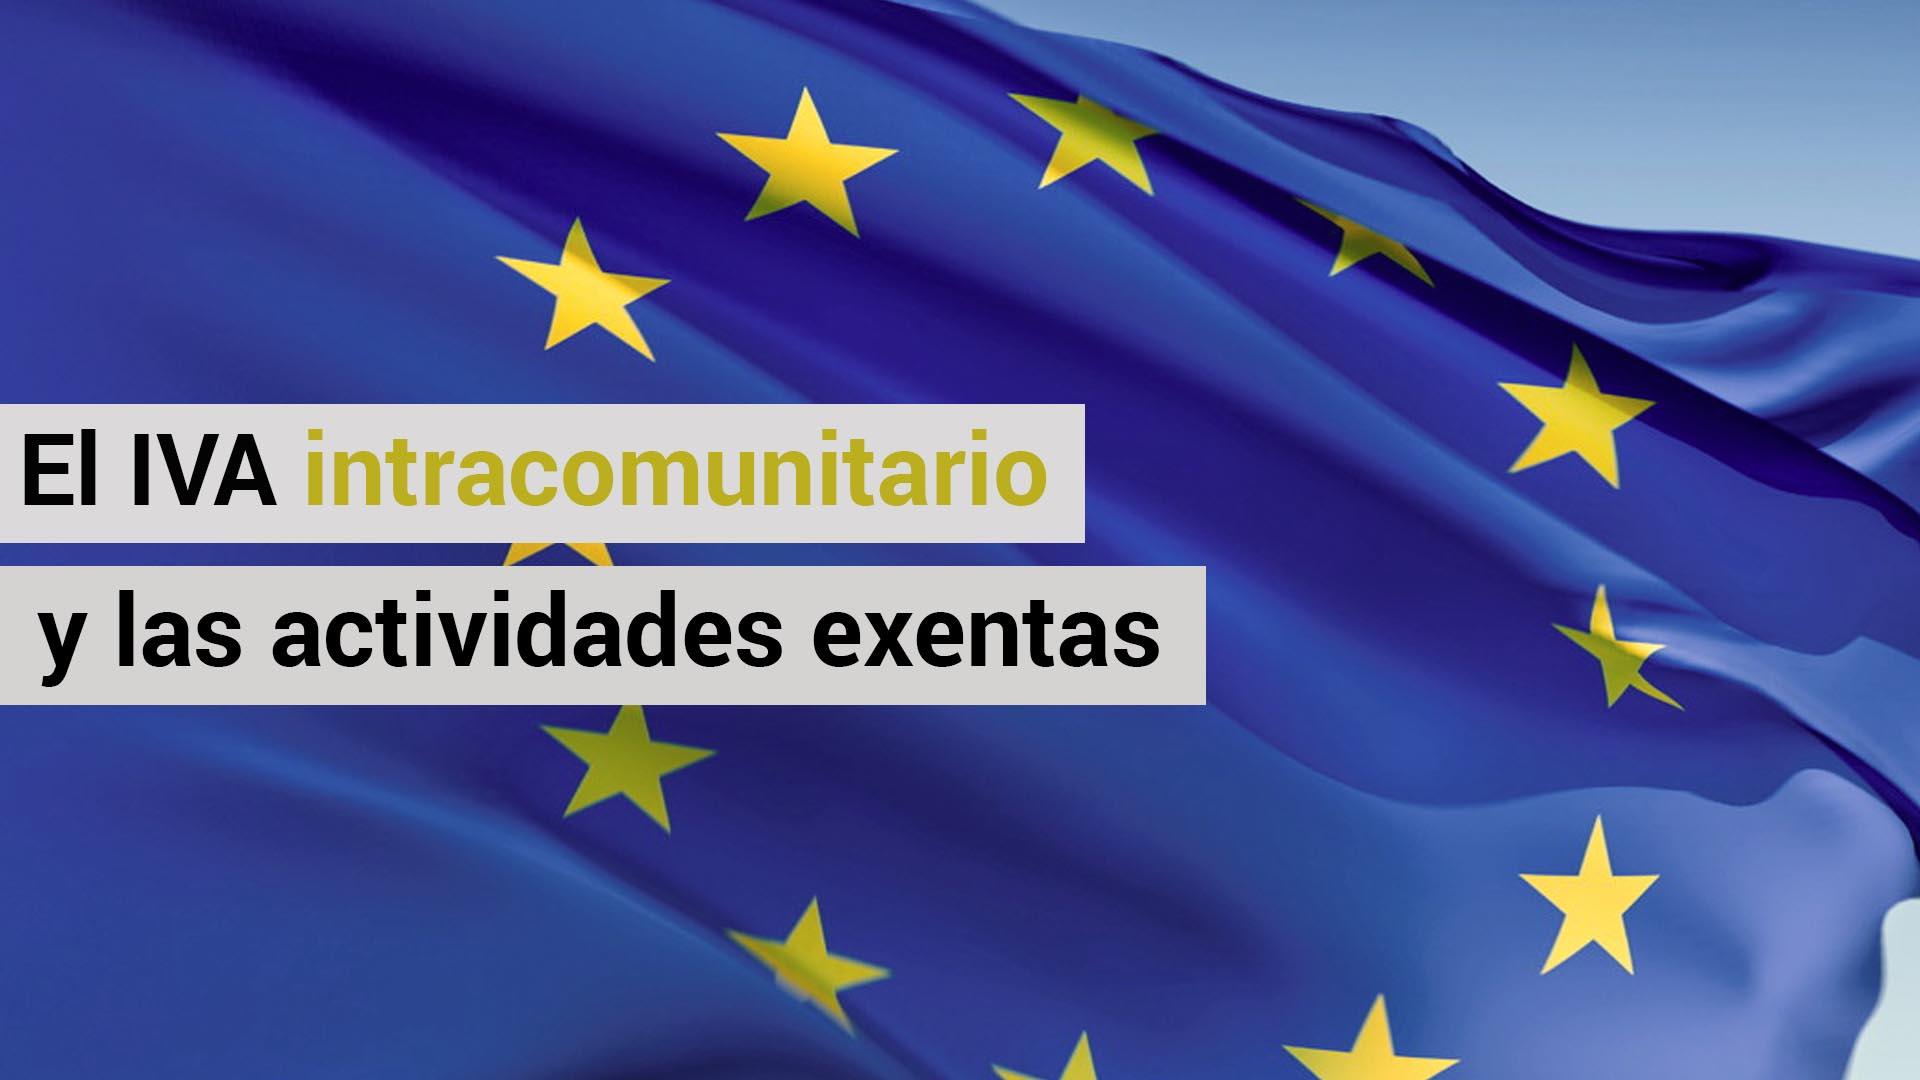 El IVA intracomunitario en las actividades exentas